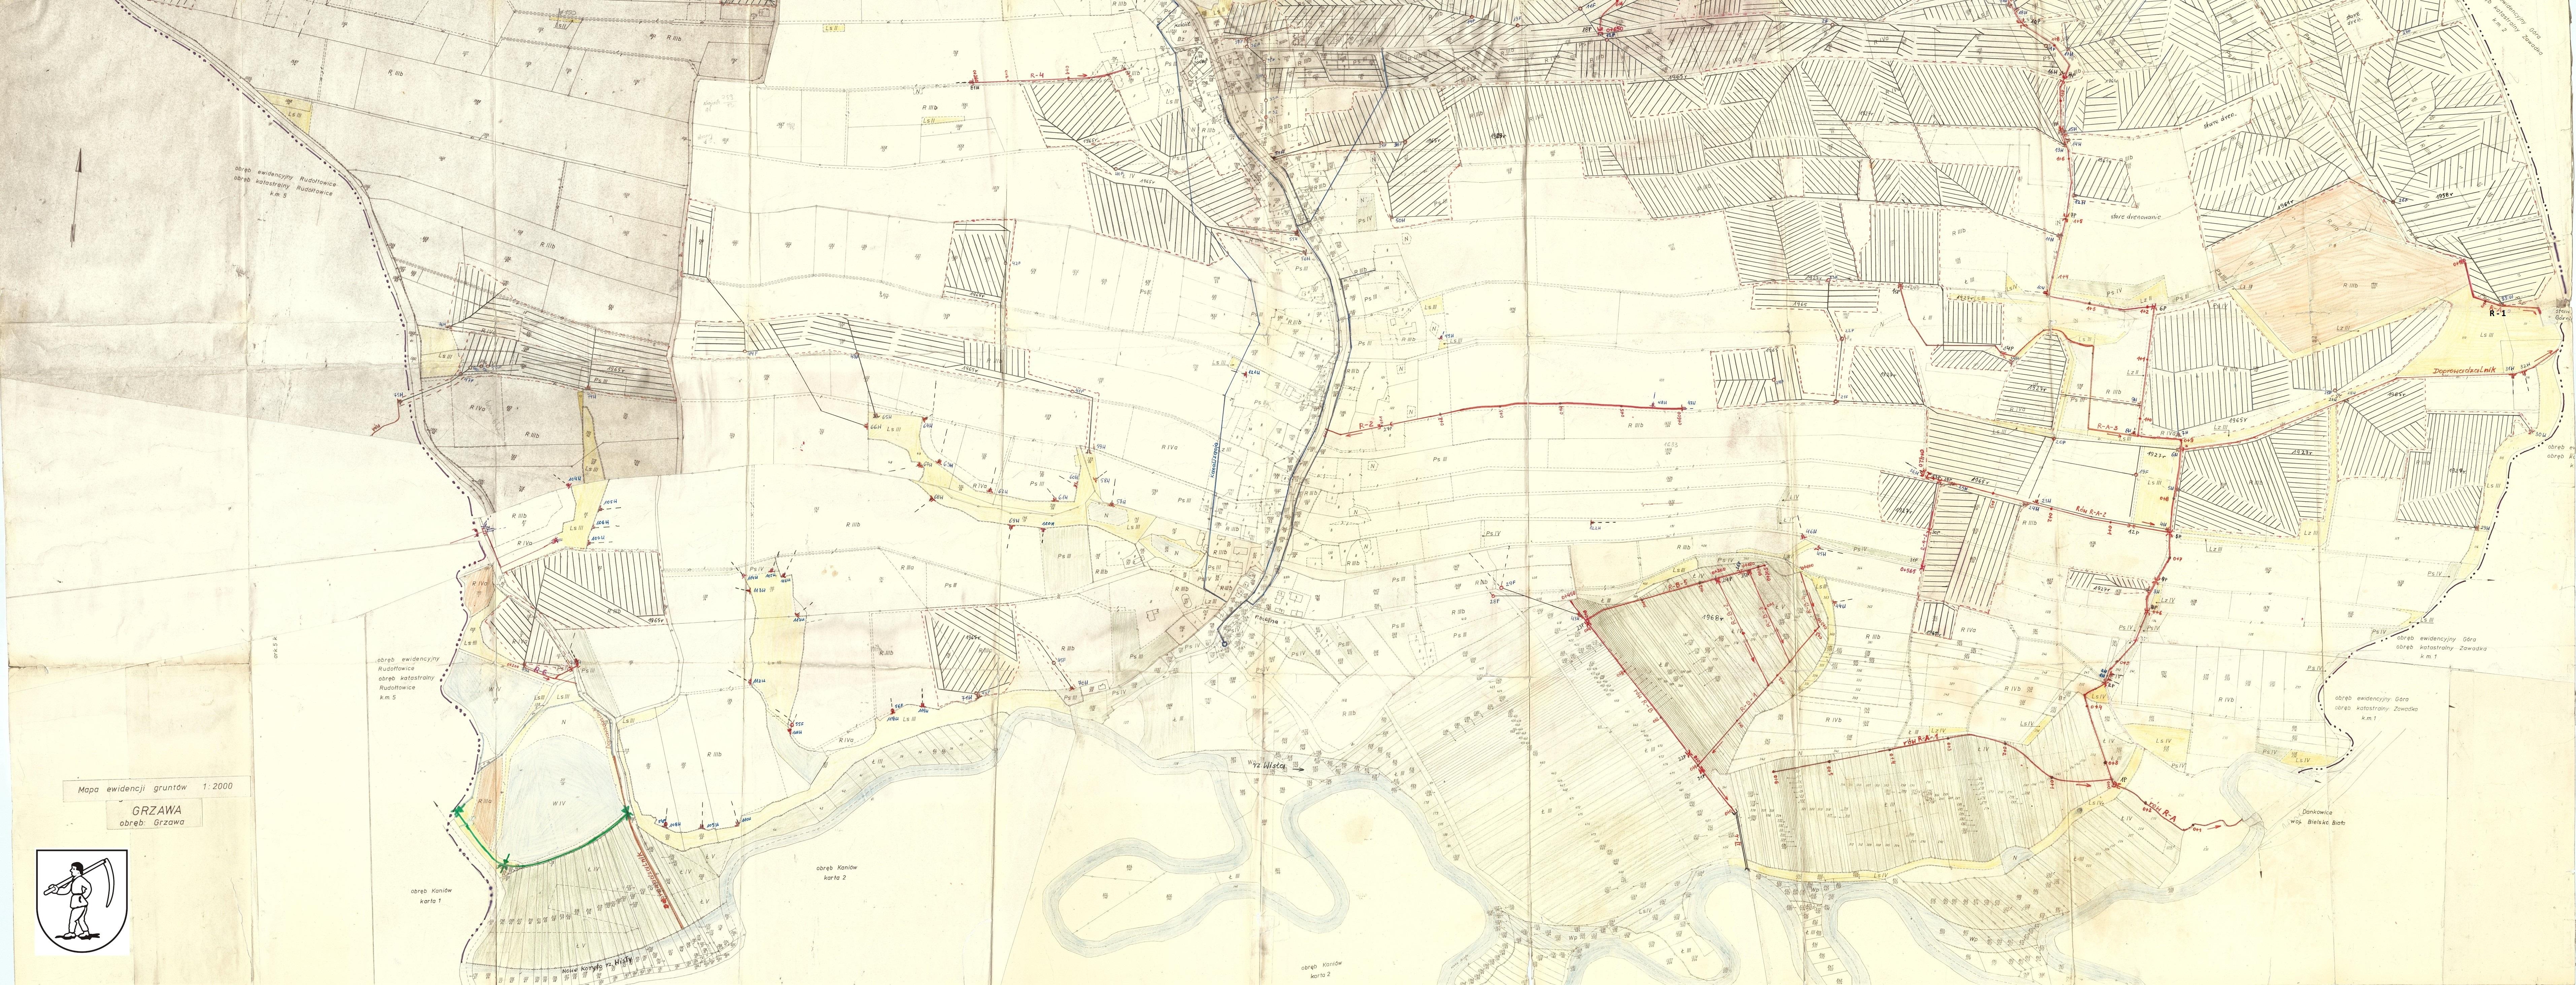 sołectwo Grzawa, mapa drenarki grzawa 2